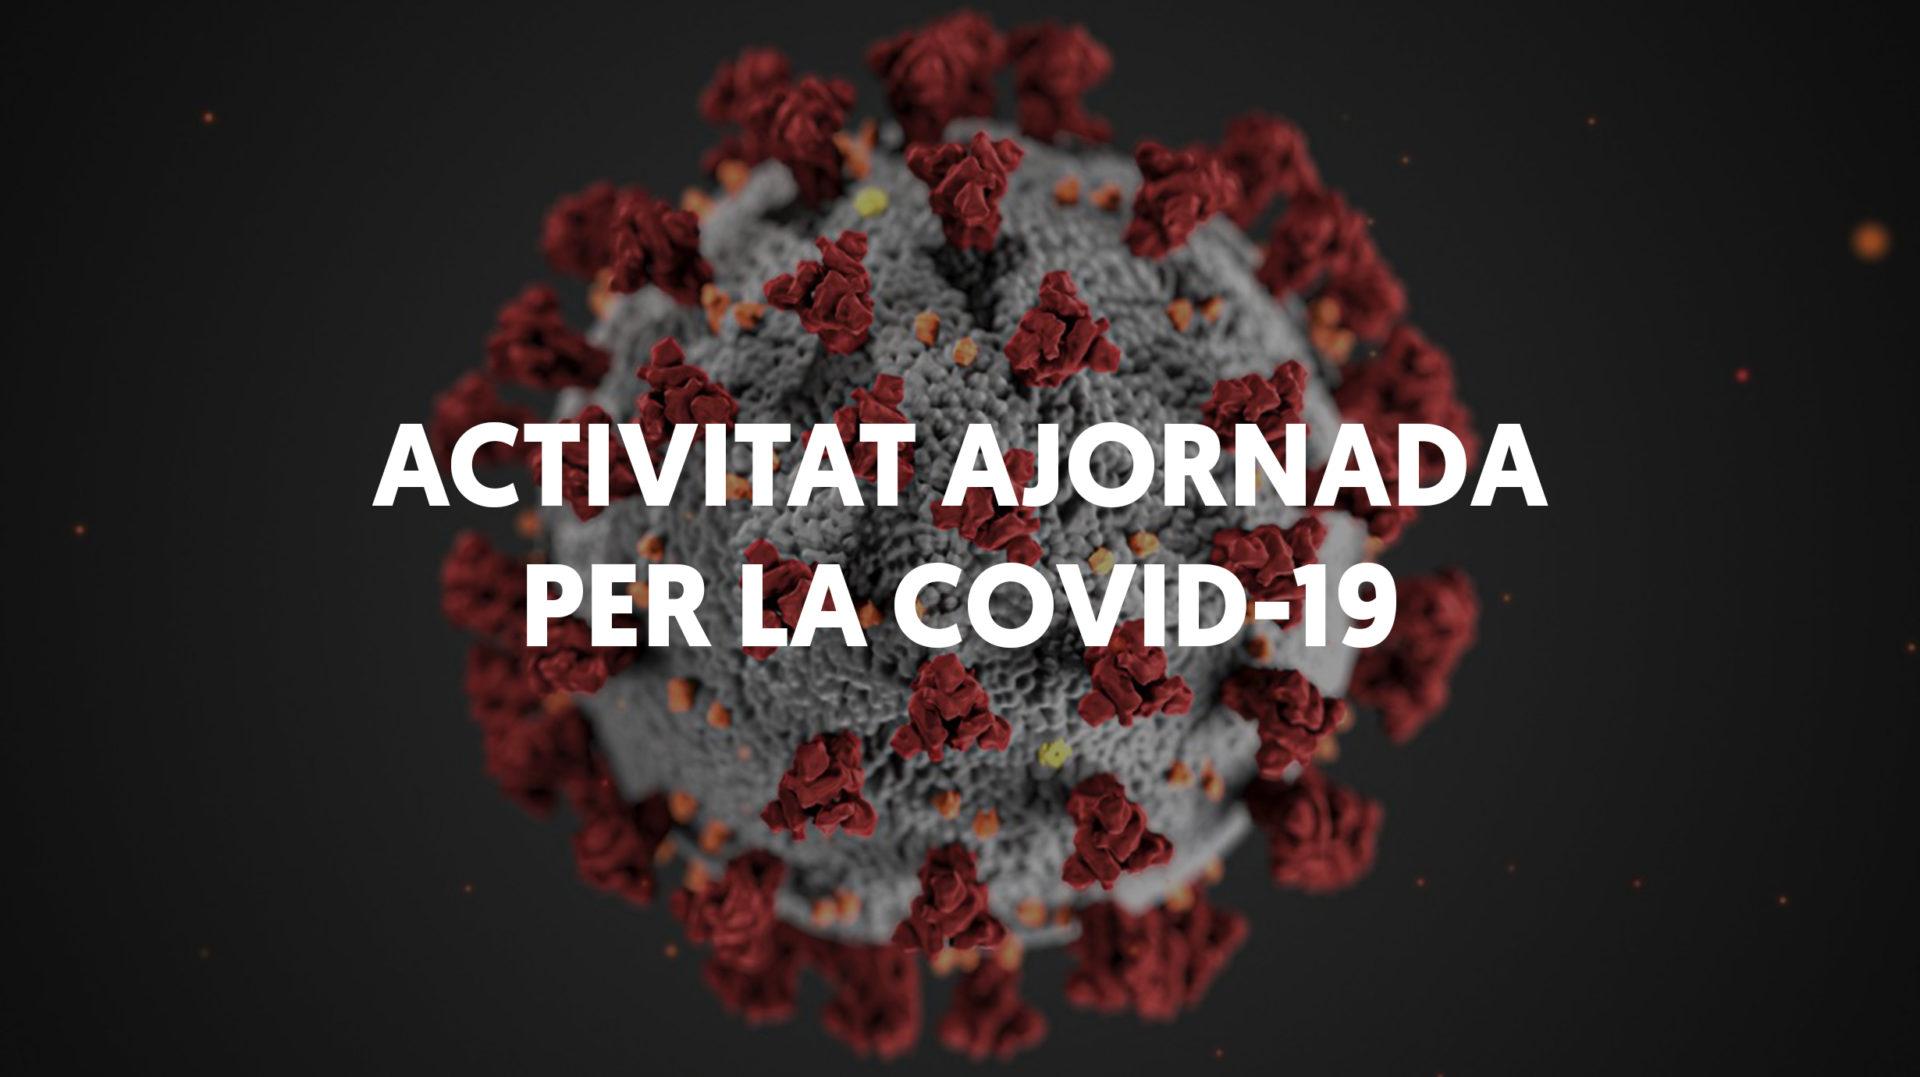 Nou mesos de marató científica. Què hem après sobre la Covid-19?